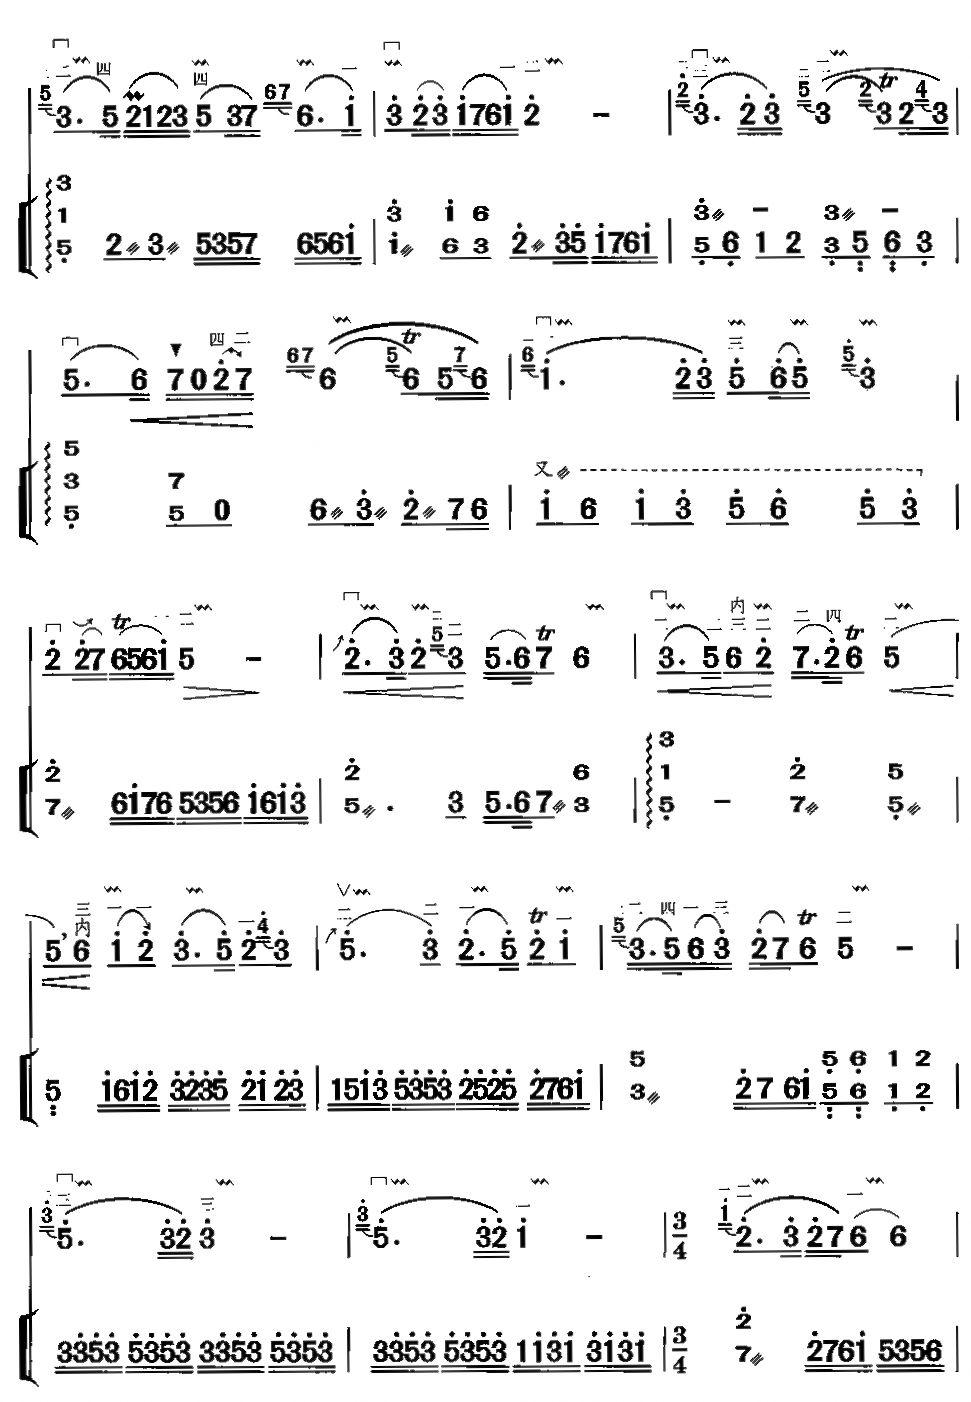 打造全国最大的歌谱搜索引擎 -烛颂 二胡谱